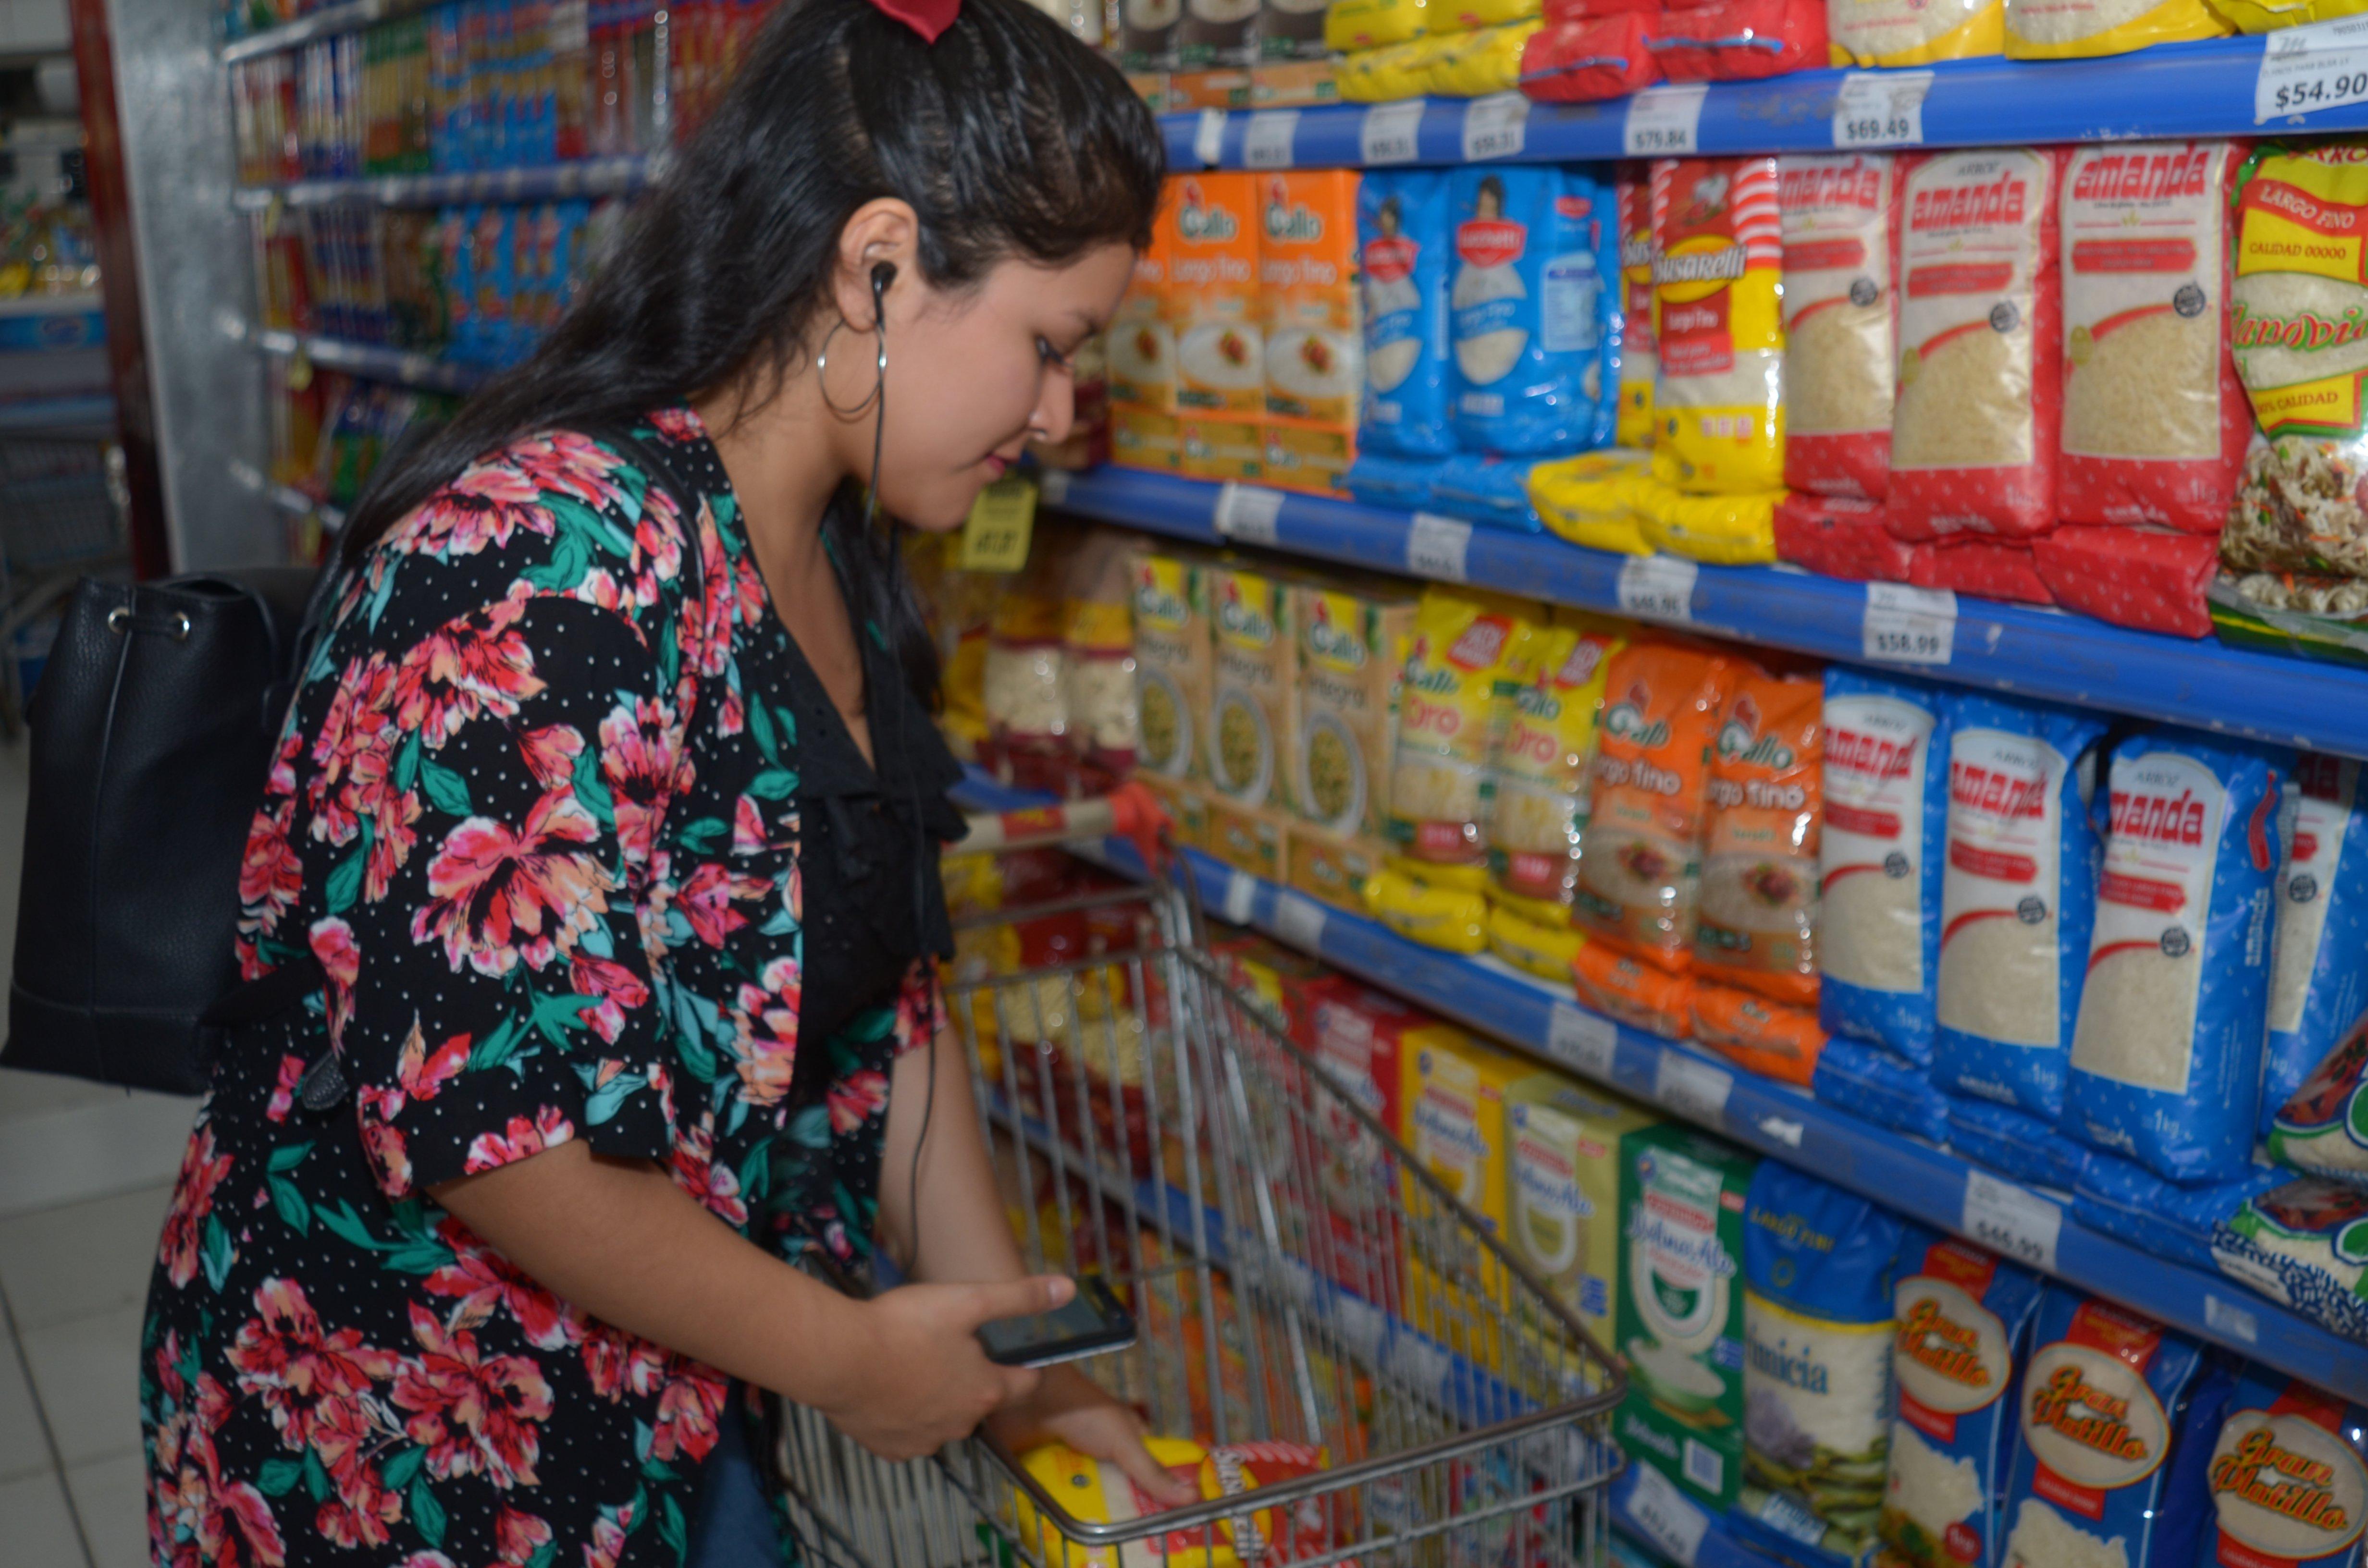 <p>Supermercados. Los productos básicos tendrán un congelamiento de precio, aunque se teme que antes haya una suba.</p>